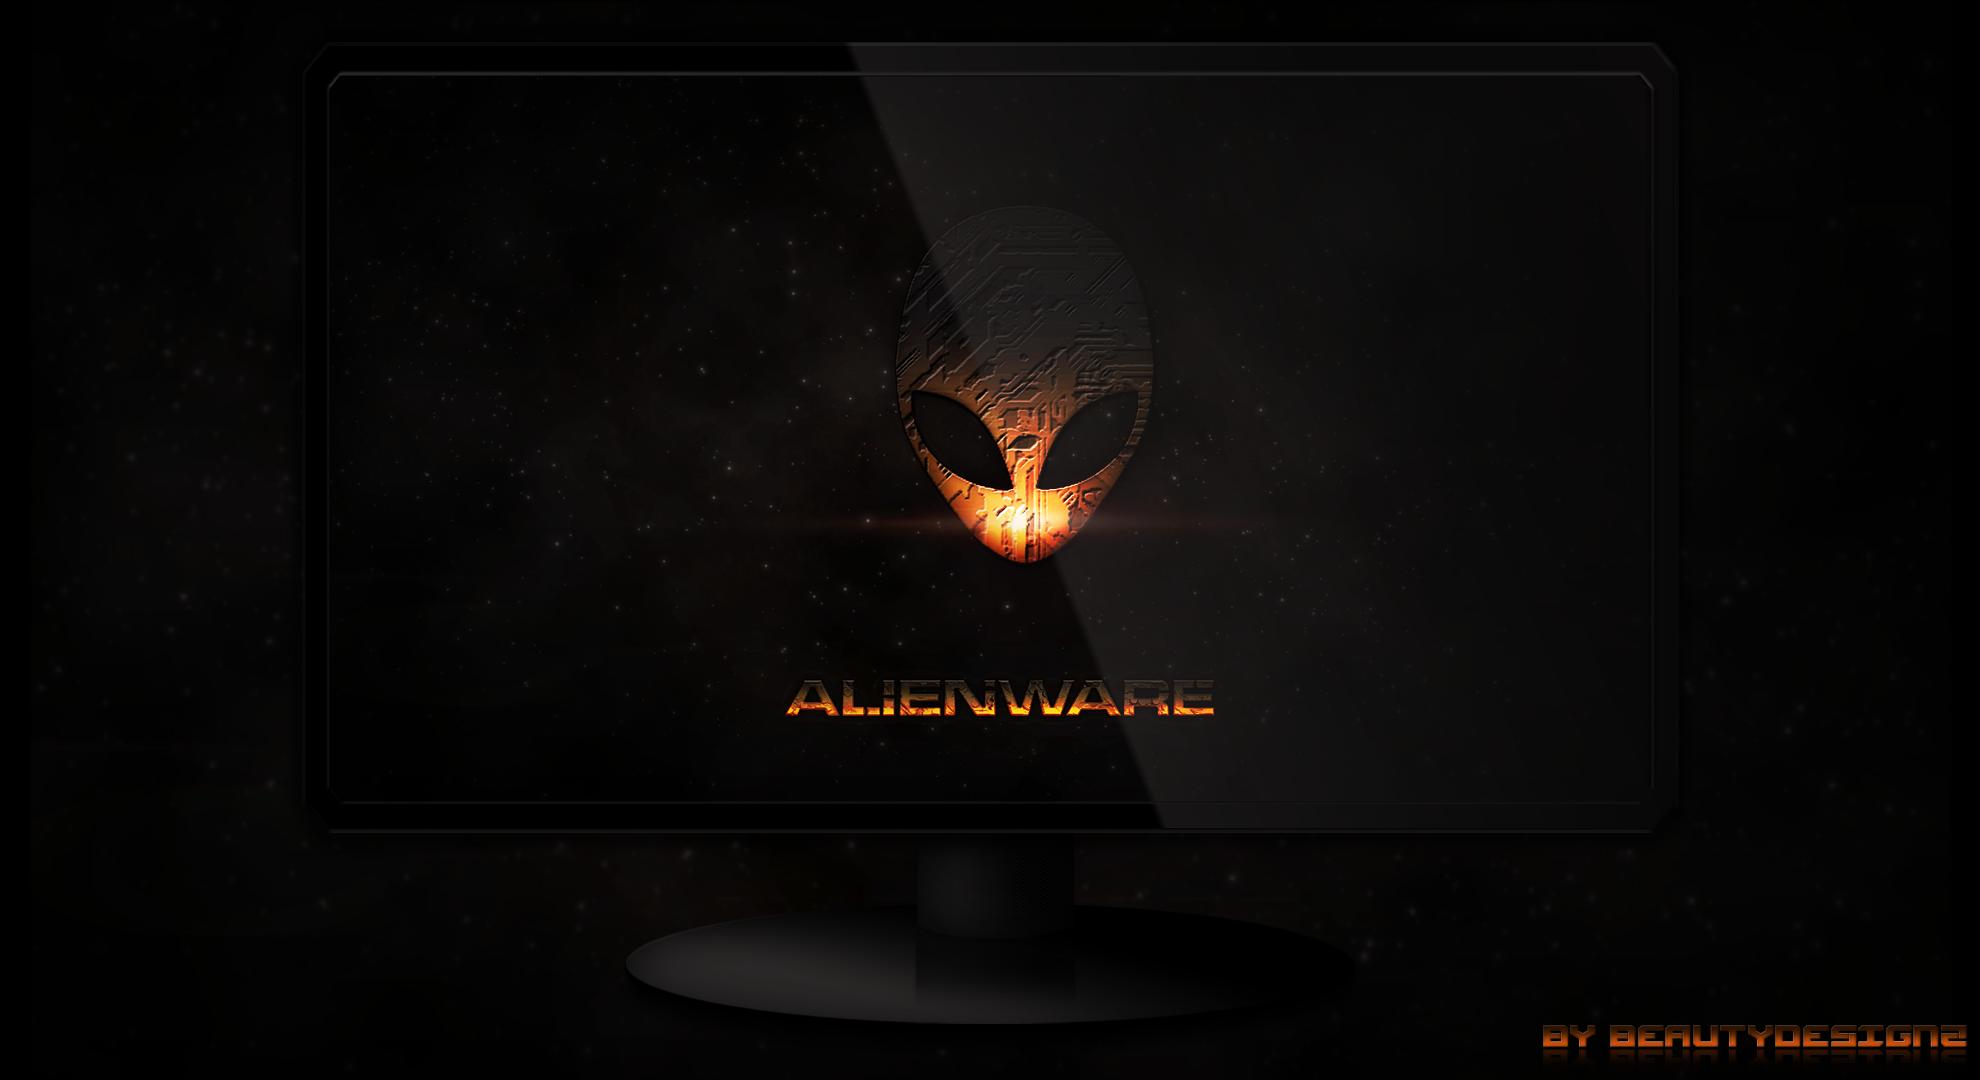 Alienware wallpaper by beautydesignz by beautydesignz on deviantart alienware wallpaper by beautydesignz by beautydesignz alienware wallpaper by beautydesignz by beautydesignz voltagebd Gallery